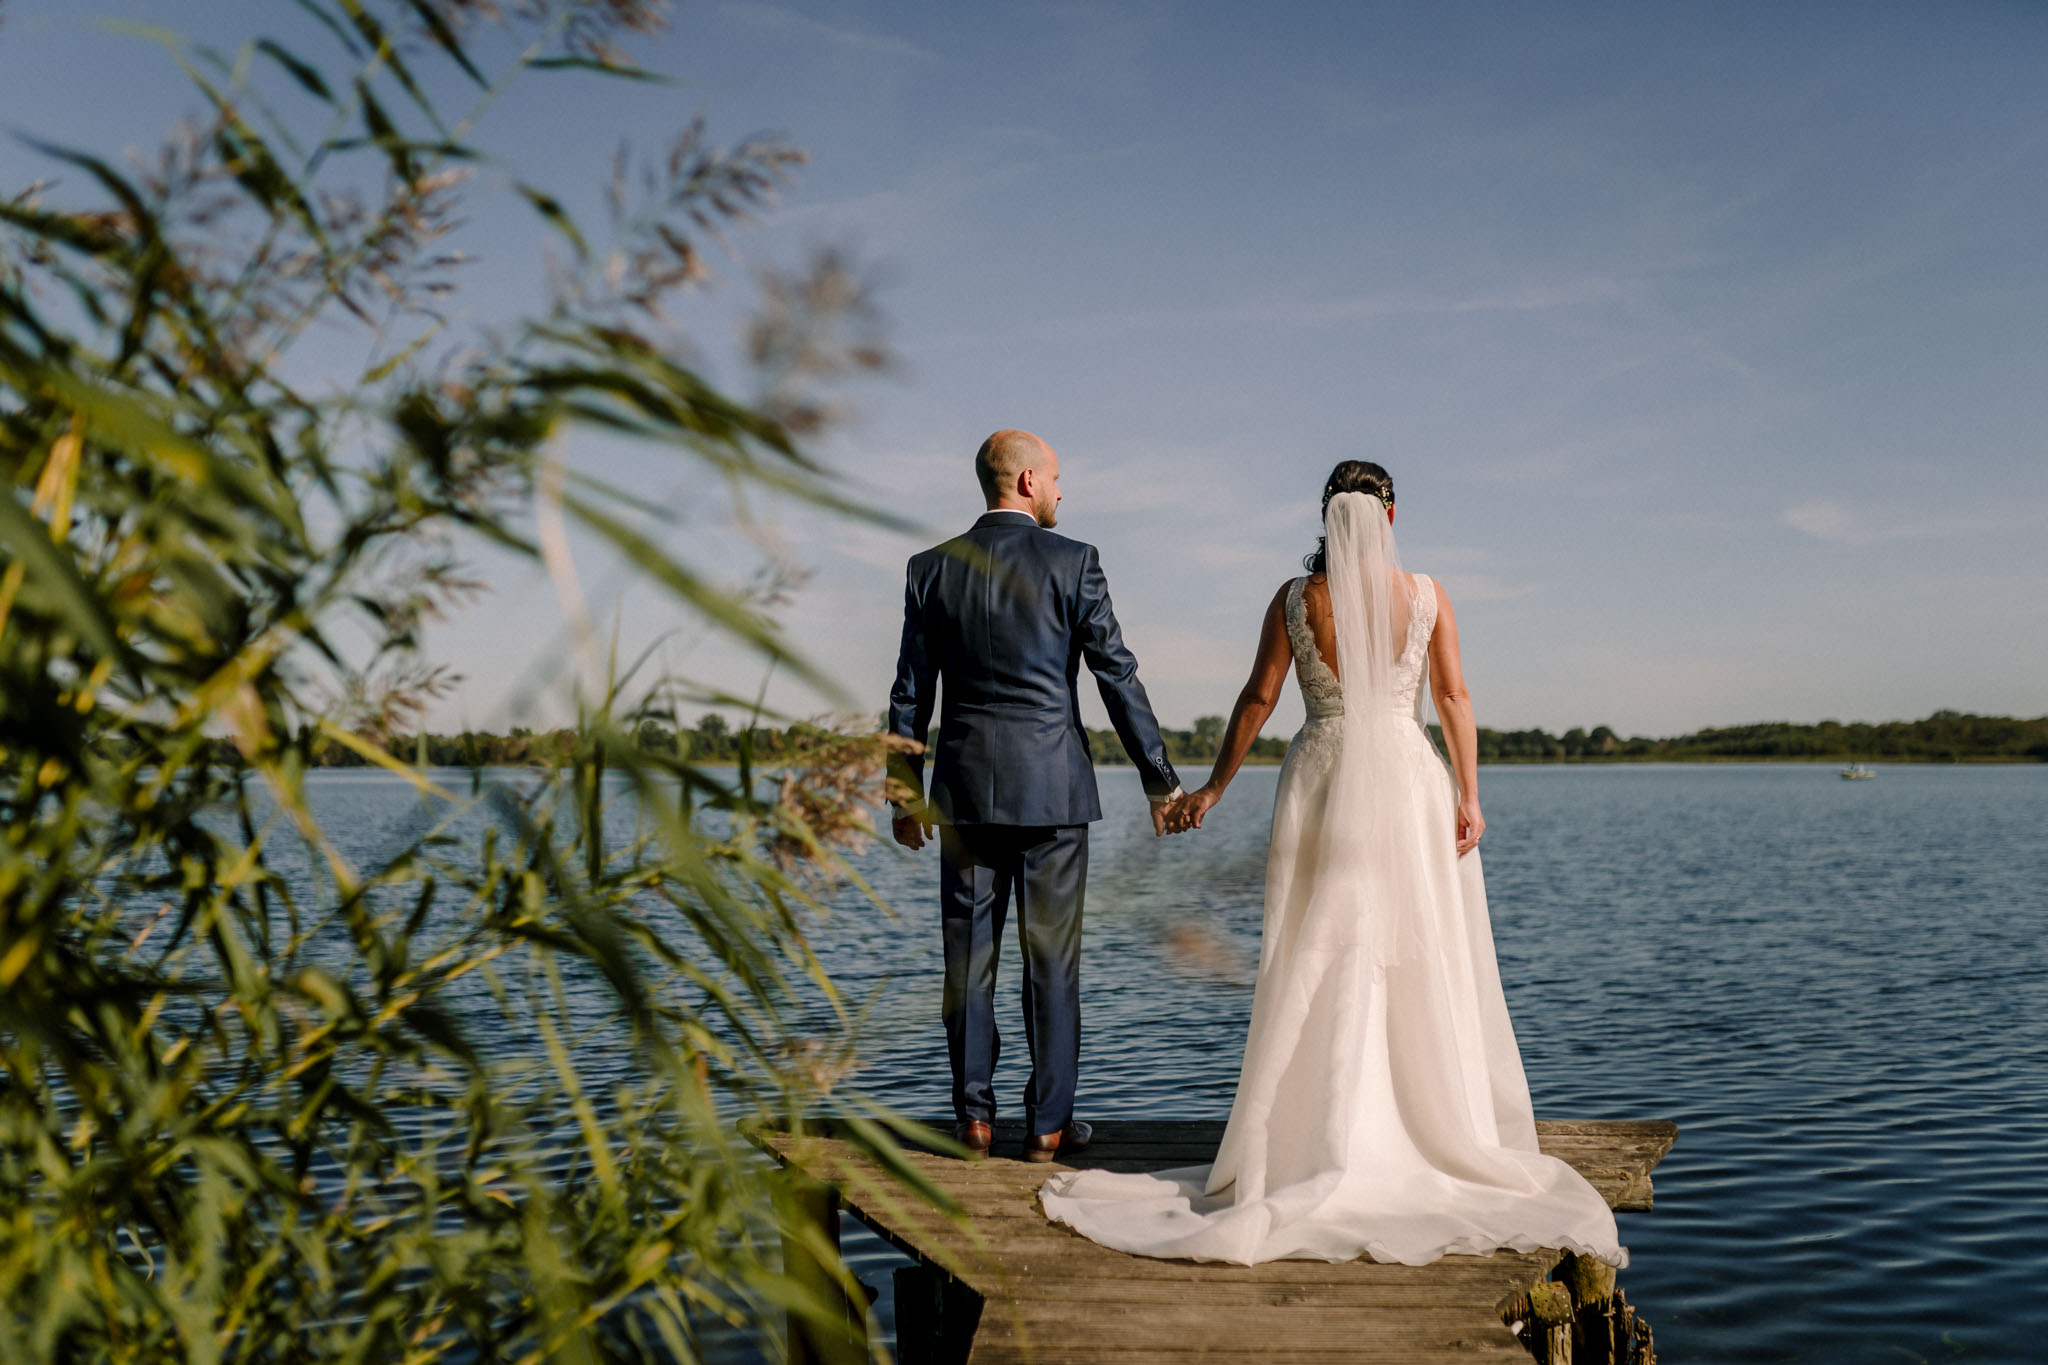 Hochzeitsfieber by Photo-Schomburg, Hochzeitsfotograf, Hamburg,Hochzeitstag, Hochzeitspaar, Braut, Bräutigam, Literaturhauscafe Zarrentin-69